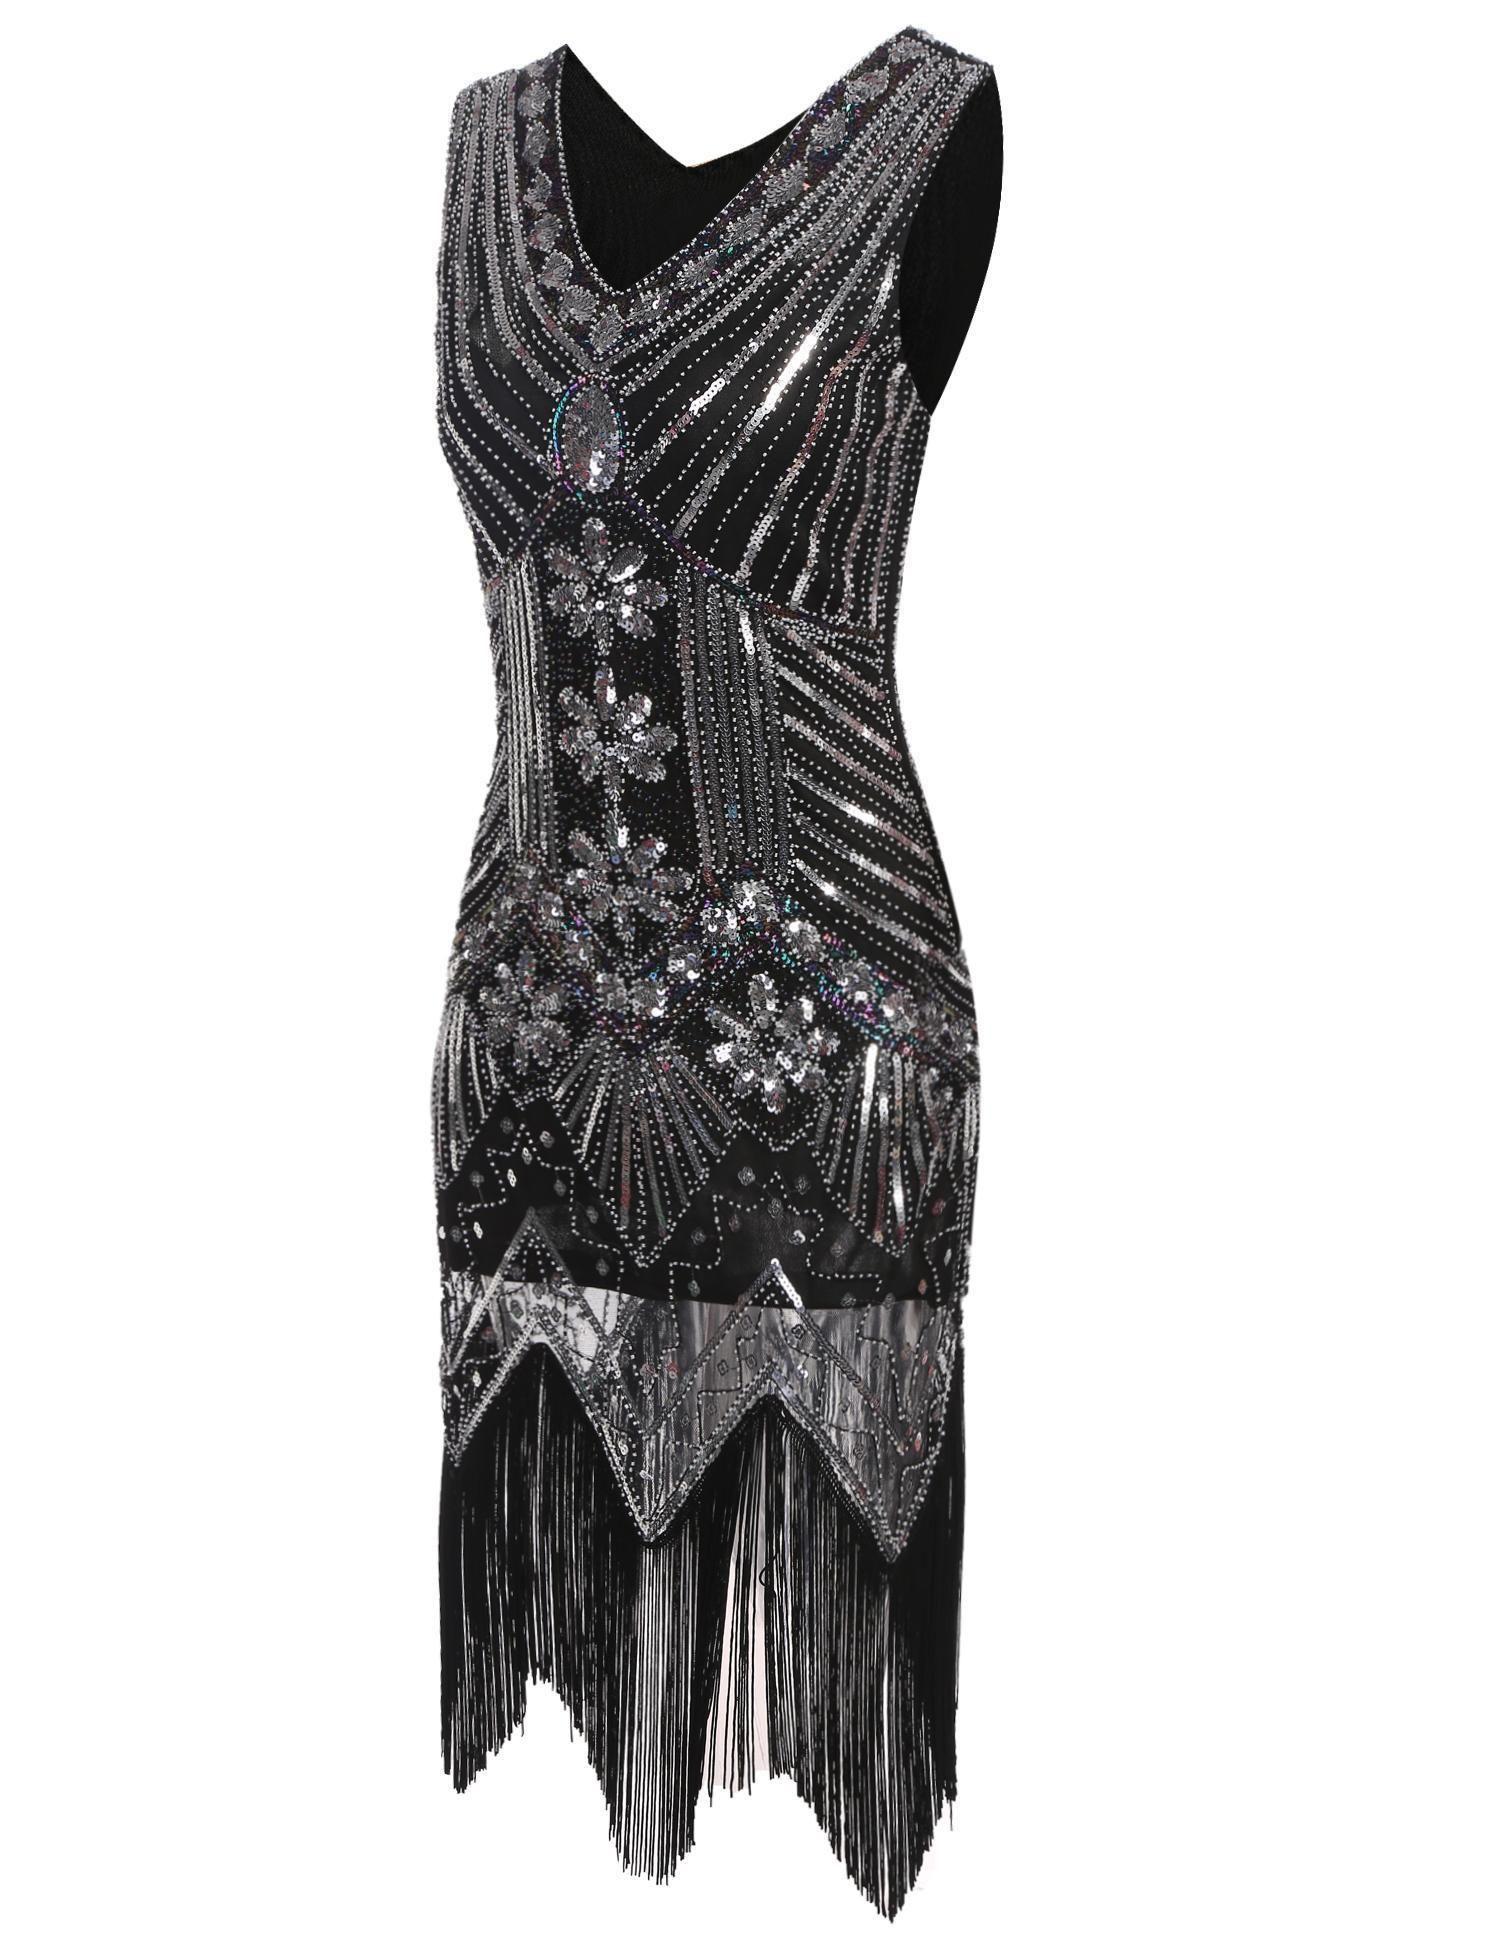 S sequined fringe dress Интерес латина pinterest fringe